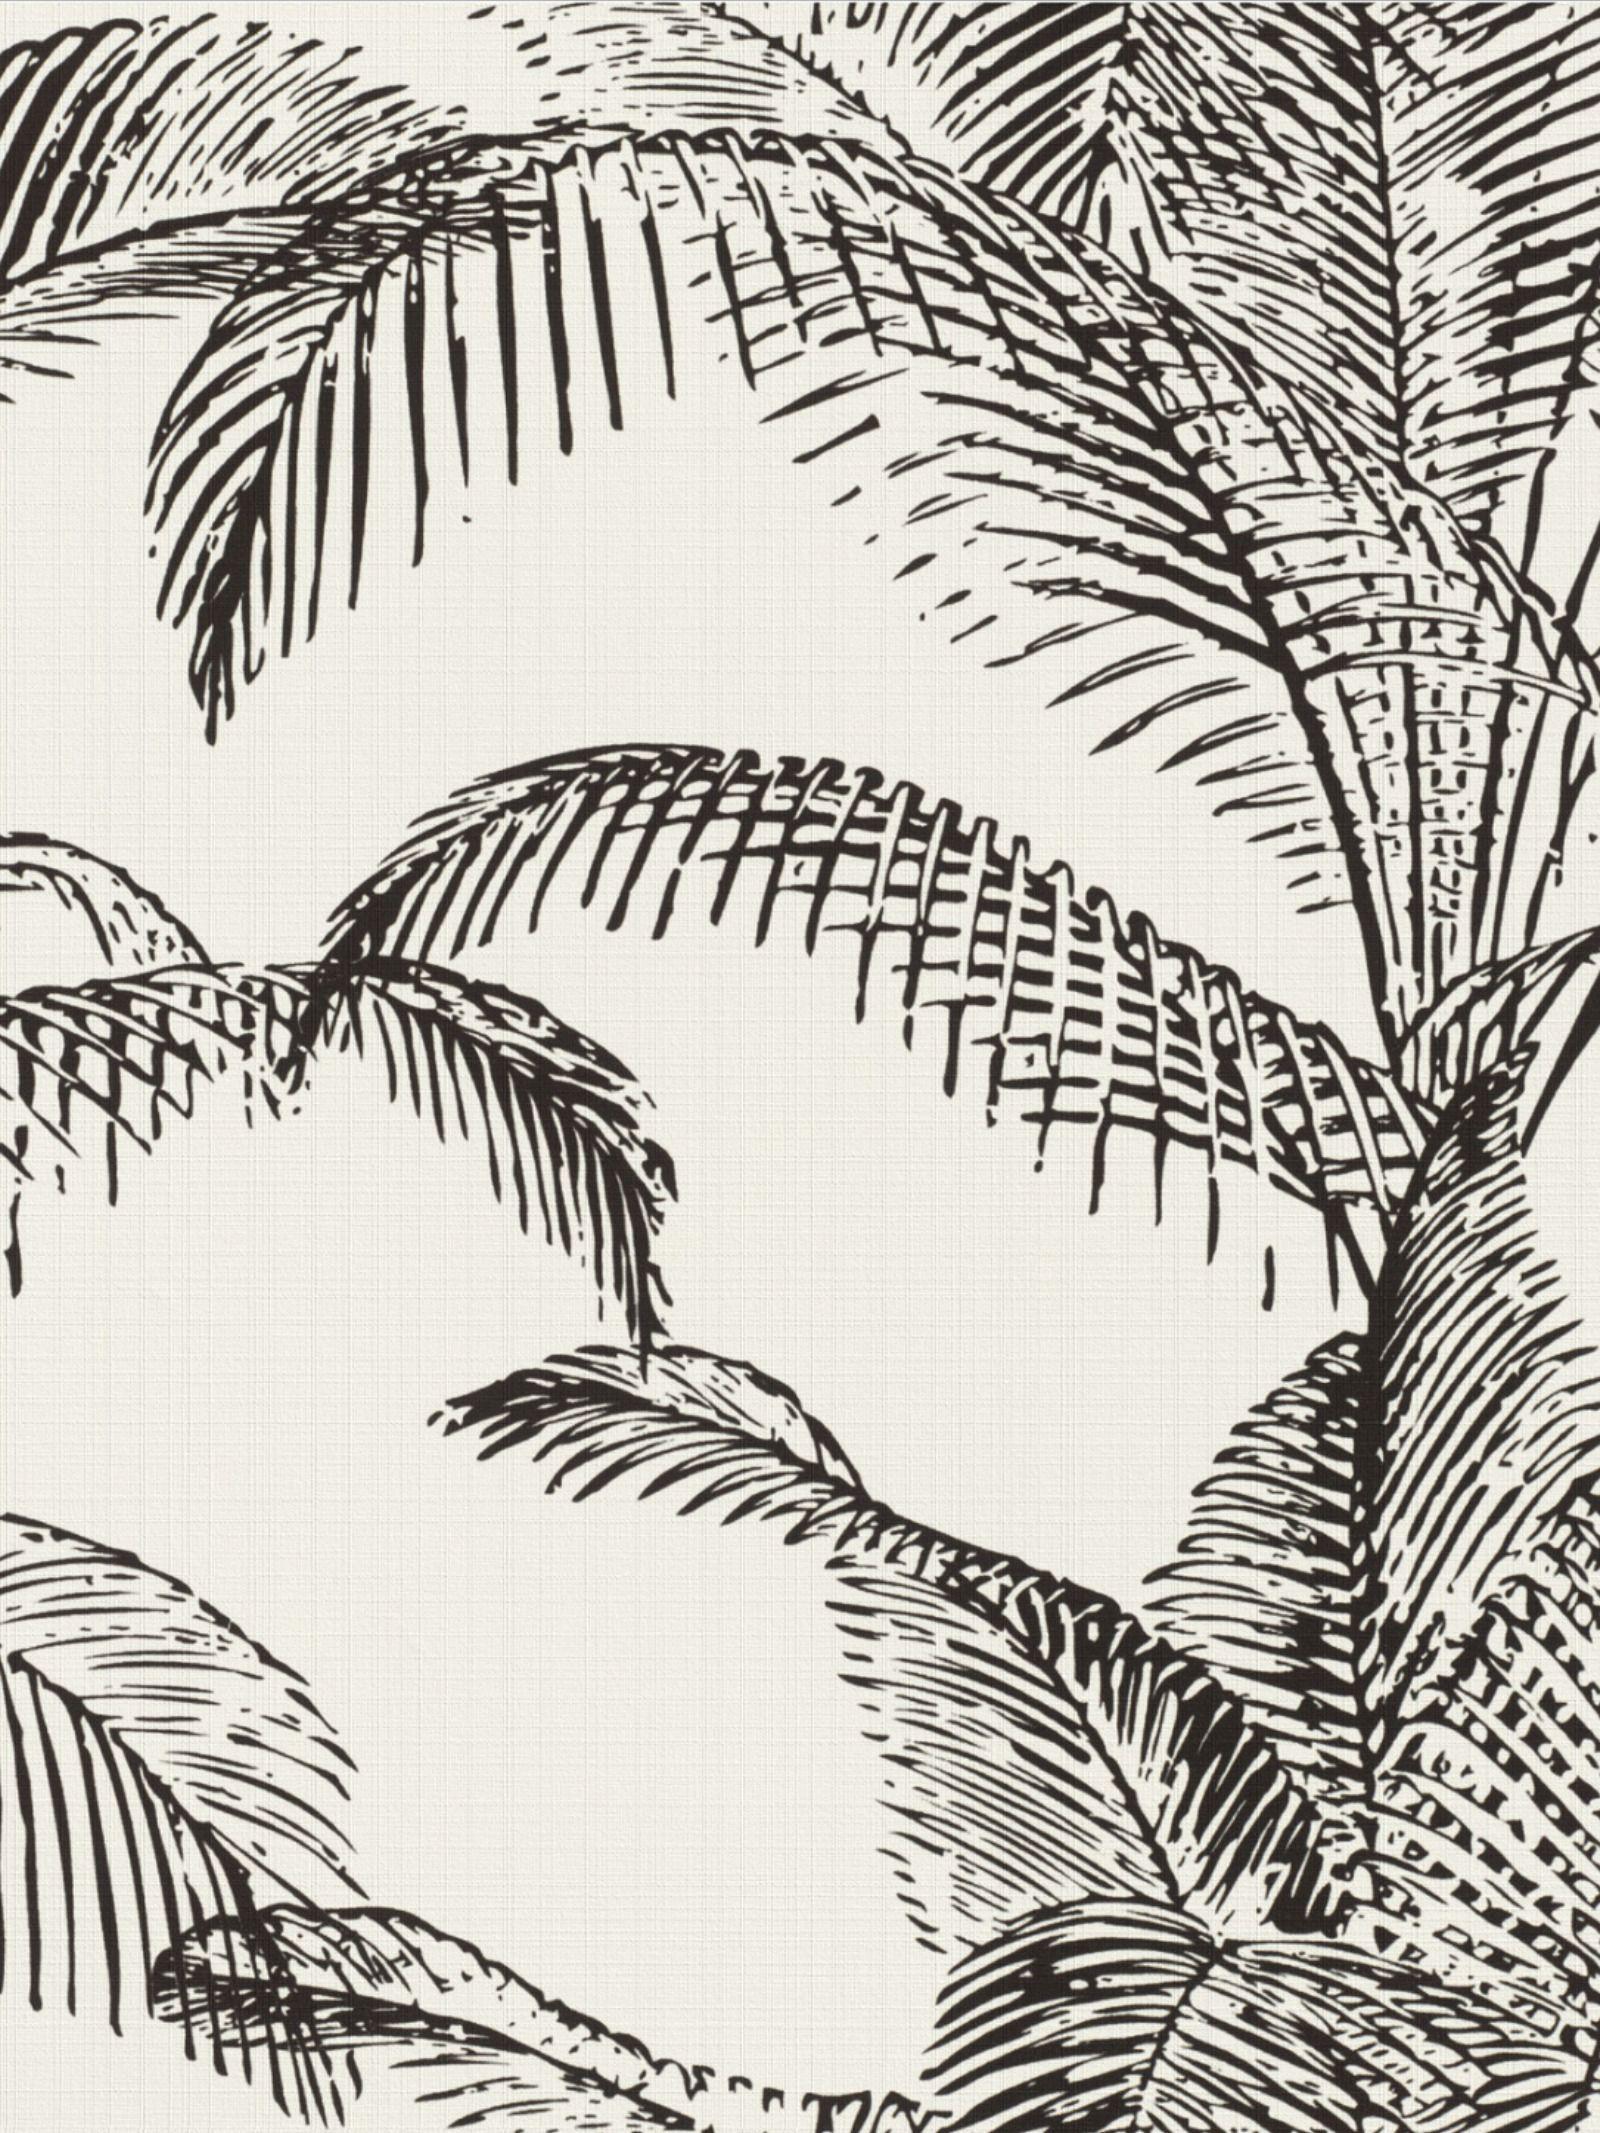 Pandore Palm Leaves Wallpaper White Black Rasch 406801 壁紙 カタログ リフォーム 壁紙 壁紙